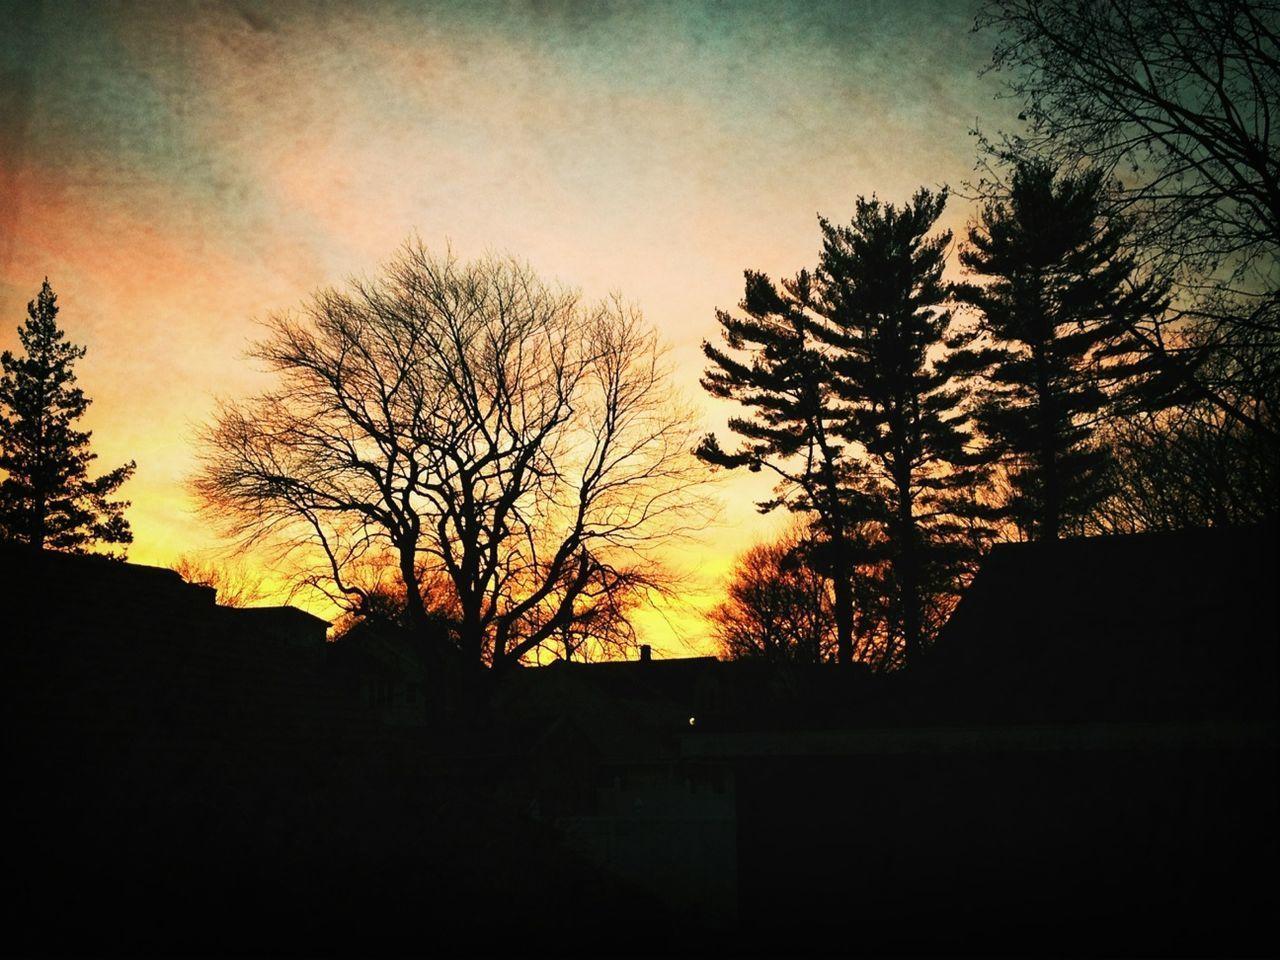 A Connecticut Sunset